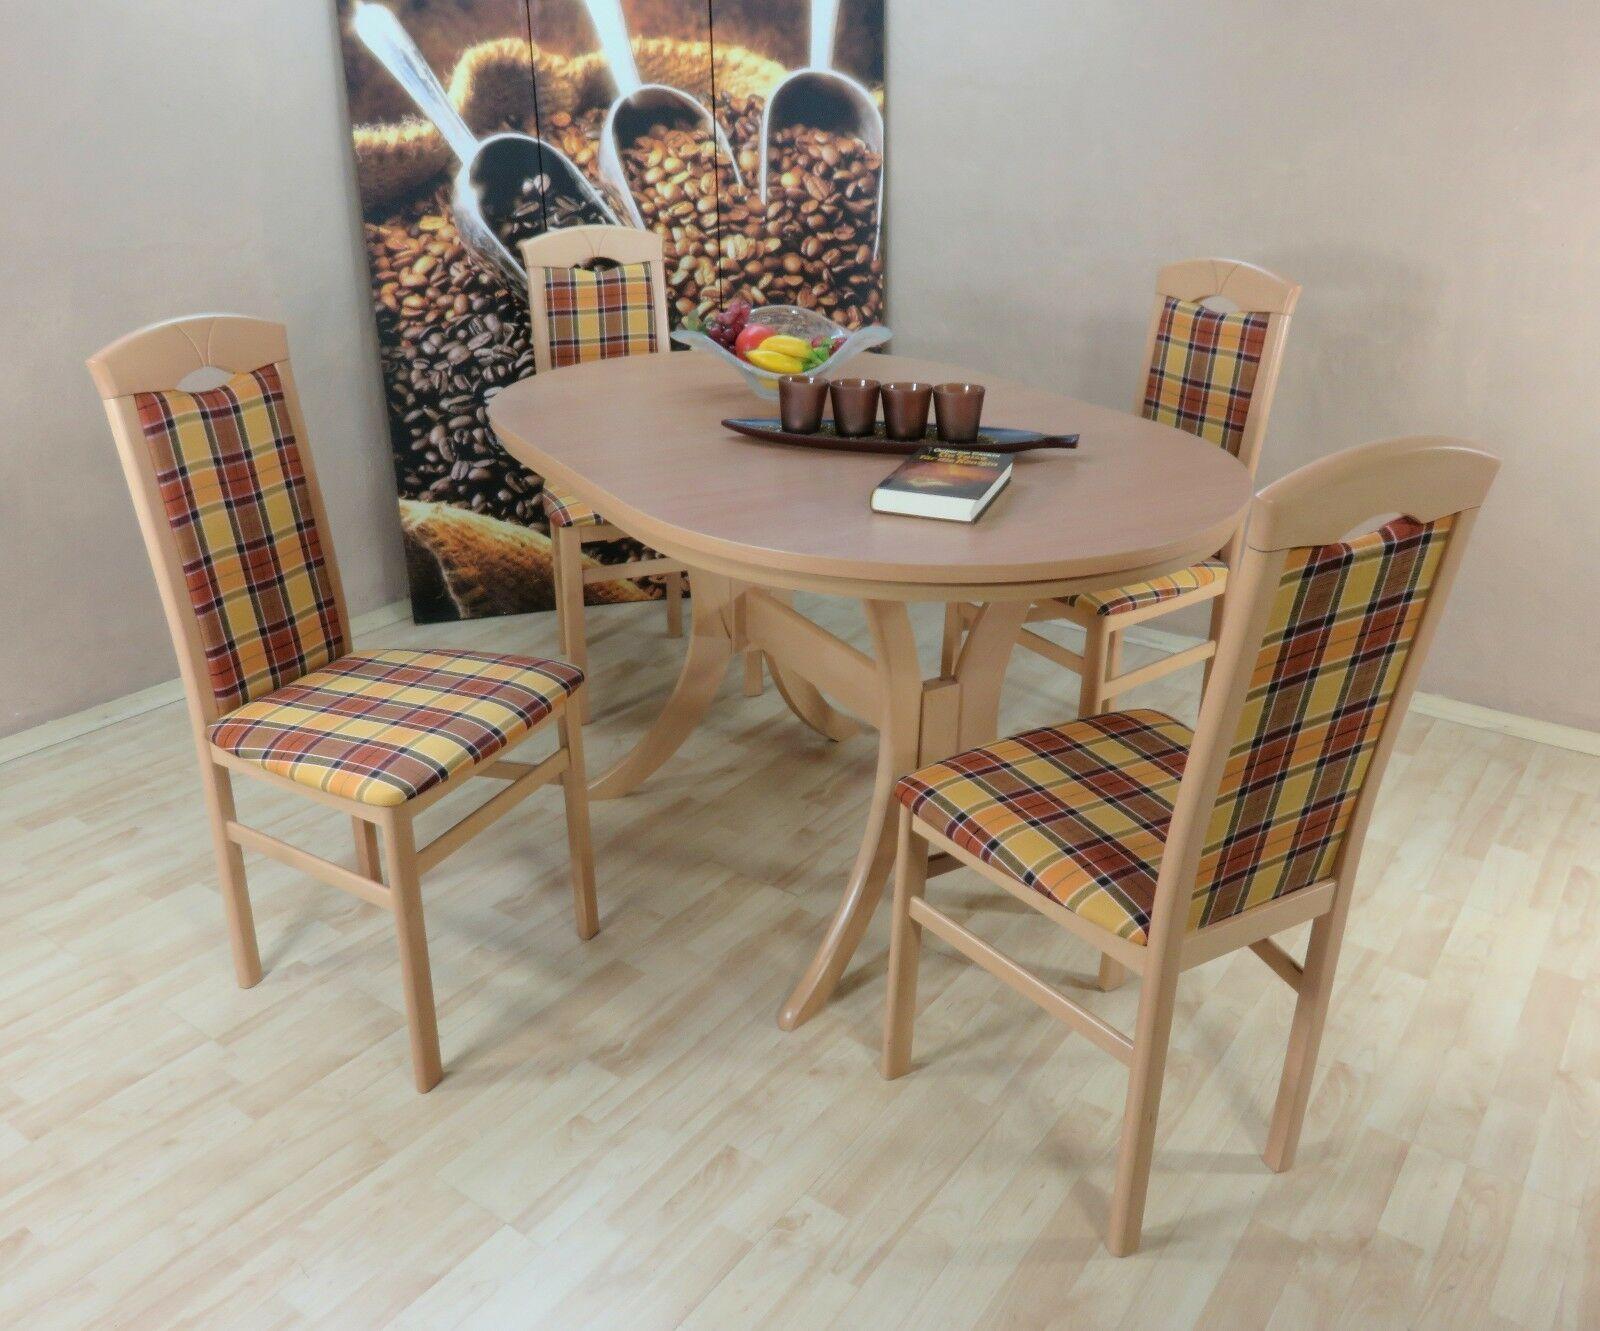 Tischgruppe Buche Natur Gelb Braun Massiv 4 X Stühle Esstisch